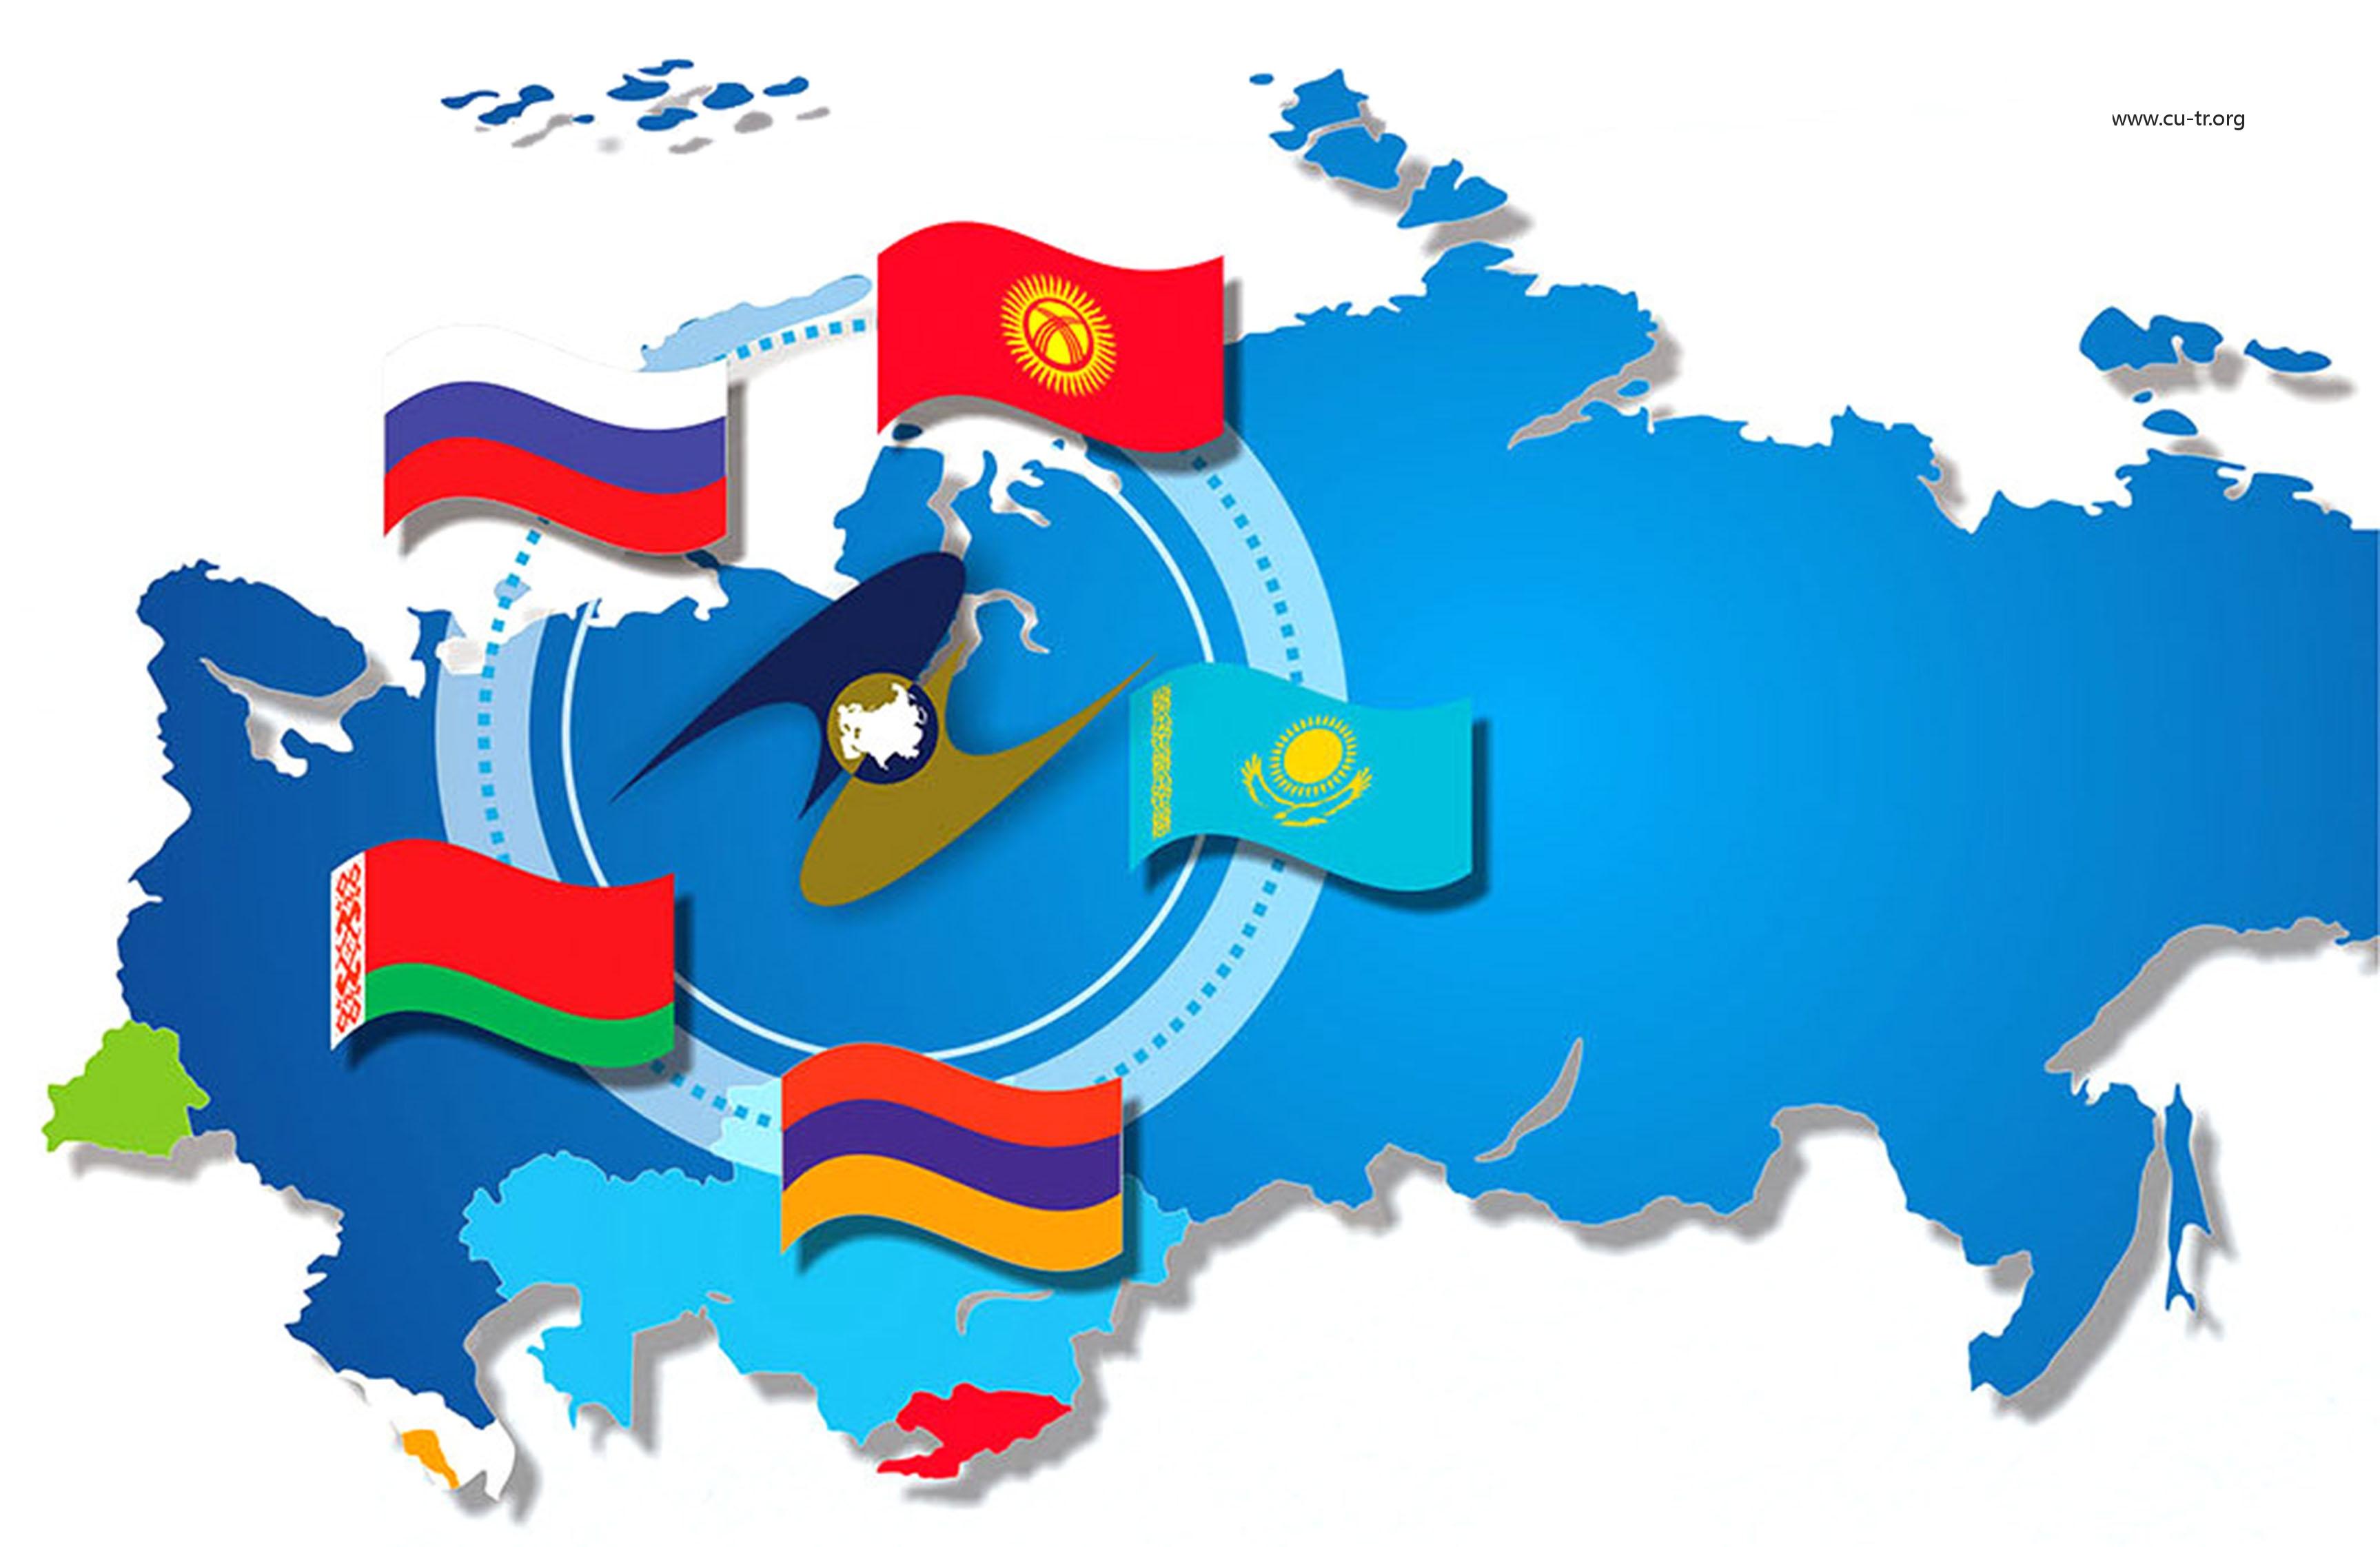 海关联盟认证 CU-TR认证 俄罗斯认证 哈萨克斯坦认证 乌克兰认证